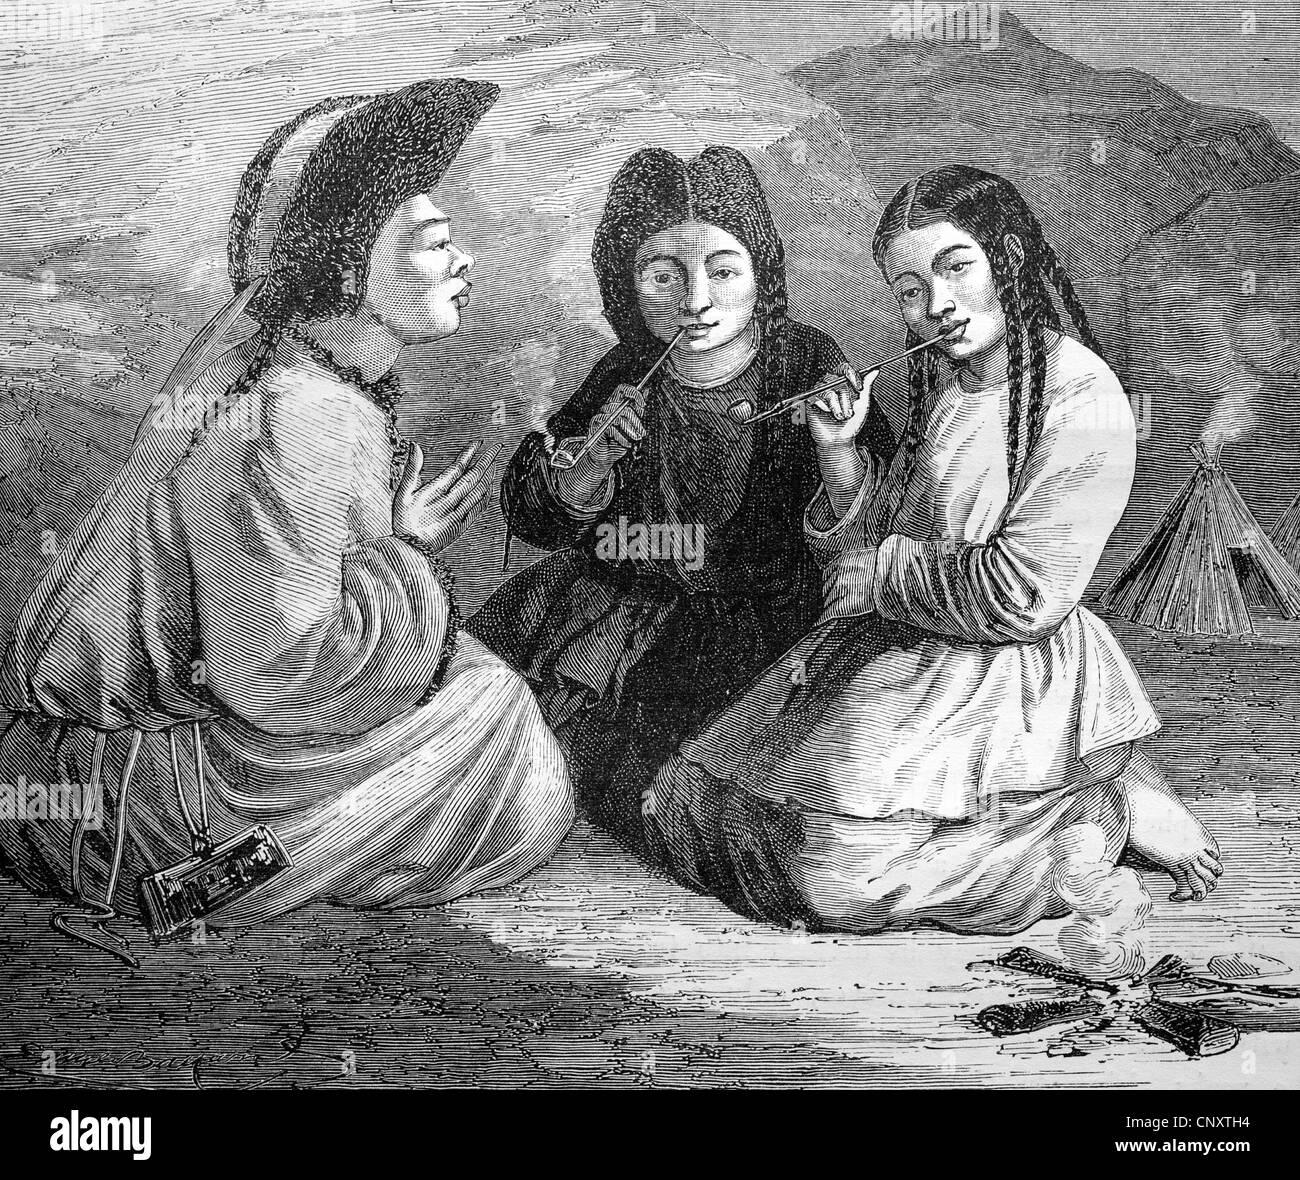 Kalchas women in Mongolia, historical illustration, wood engraving, circa 1888 - Stock Image